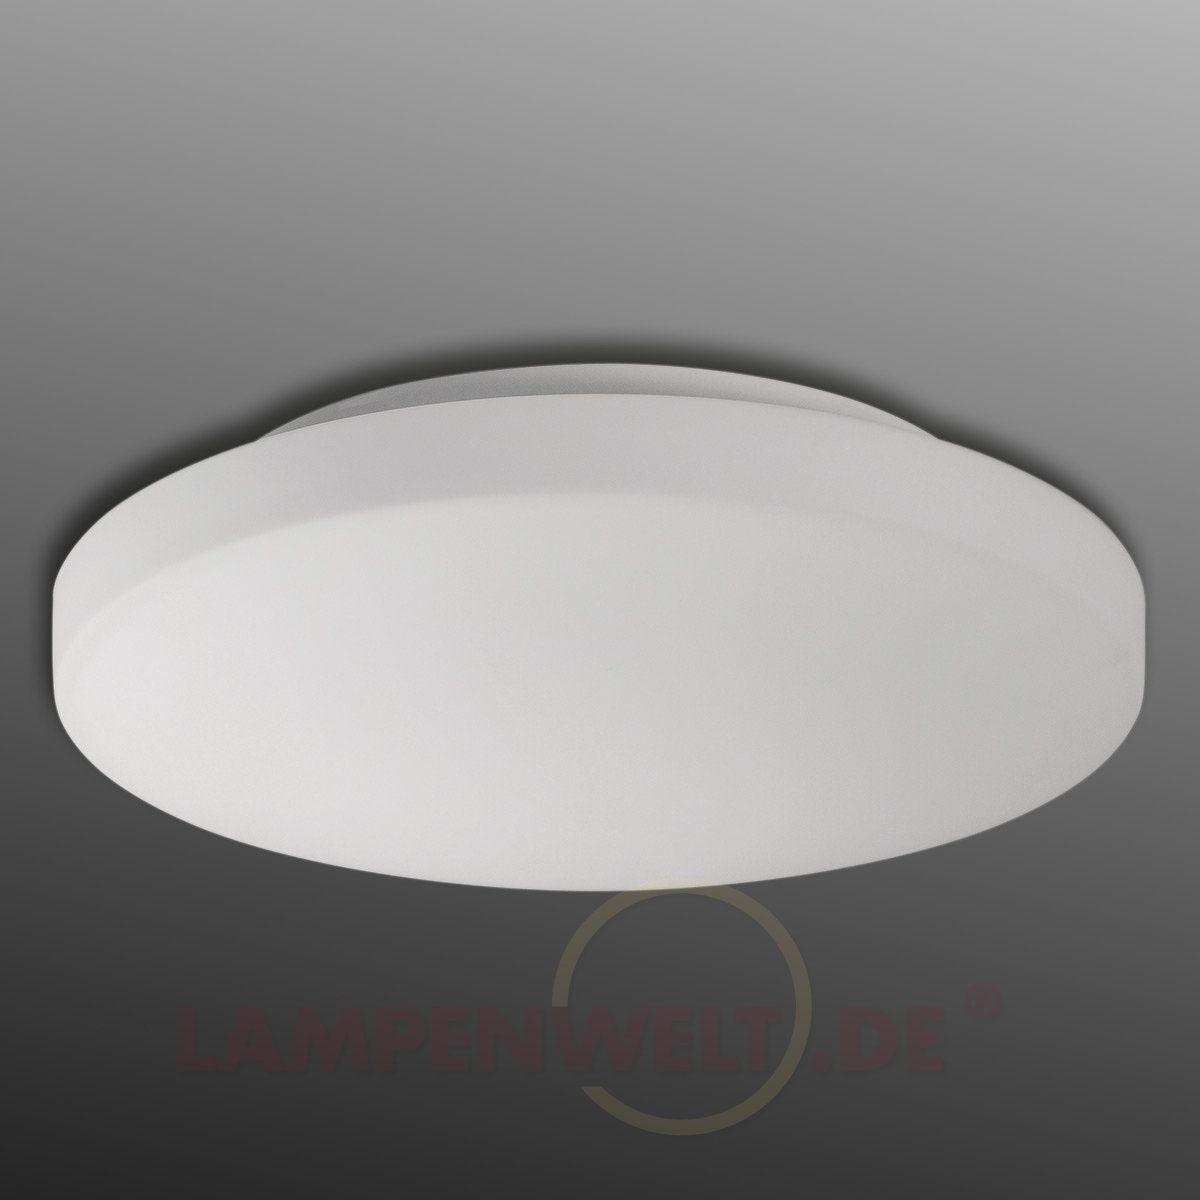 LED-Bad-Deckenleuchte Malte aus Opalglas kaufen   Pinterest   LED ...